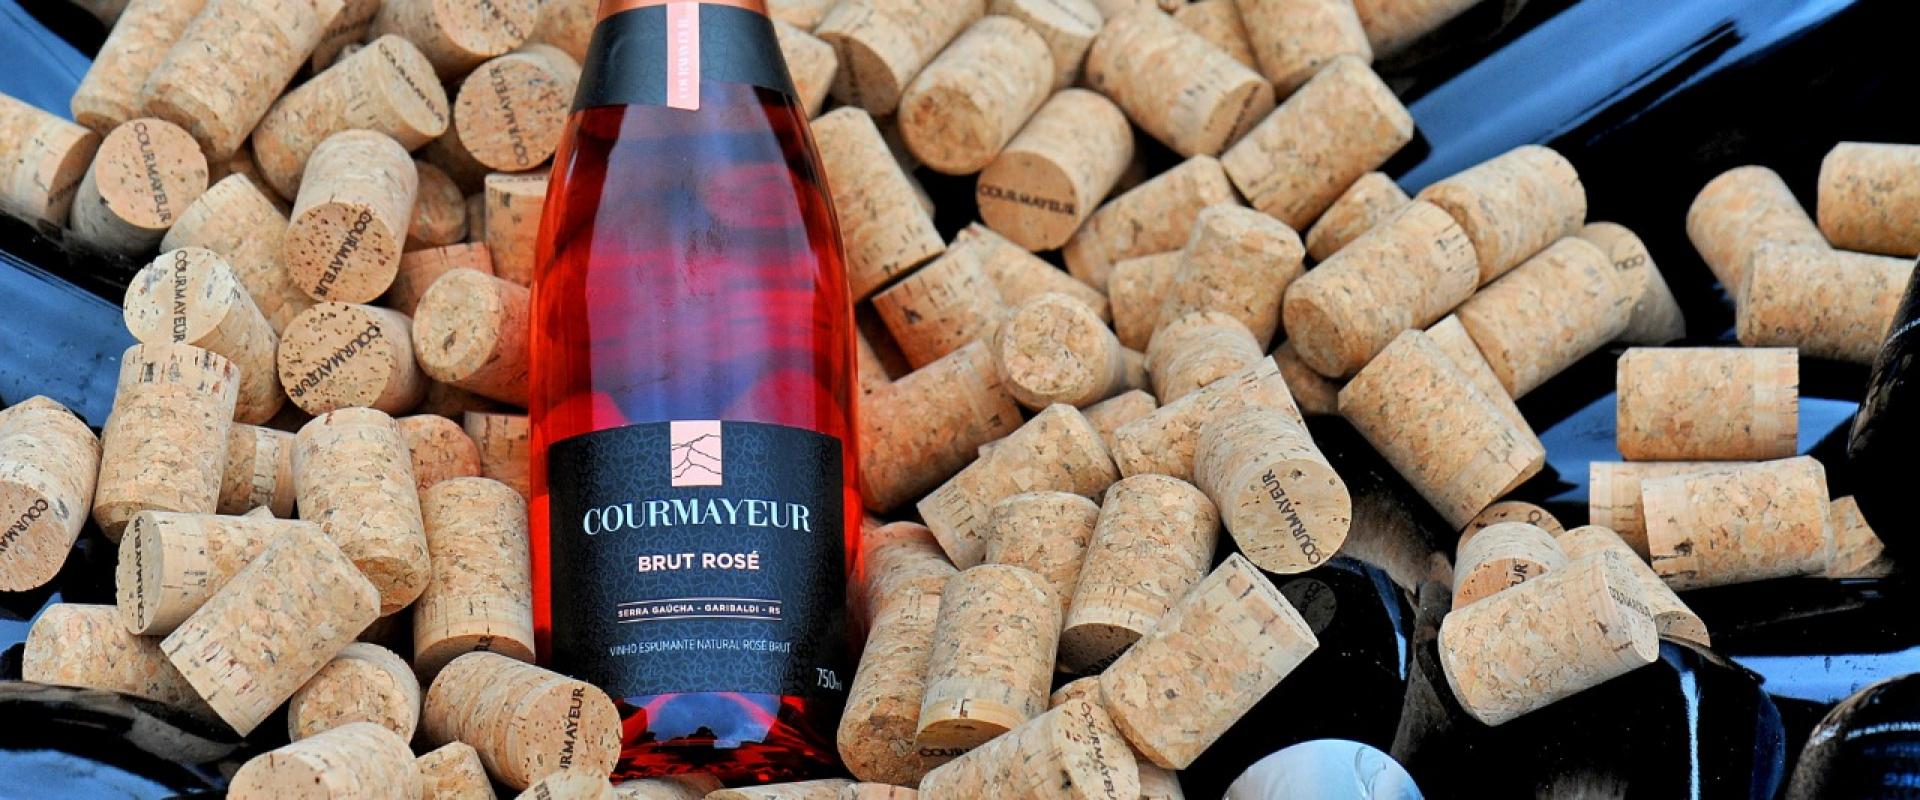 Espumante-Courmayeur-Brut-Rosé